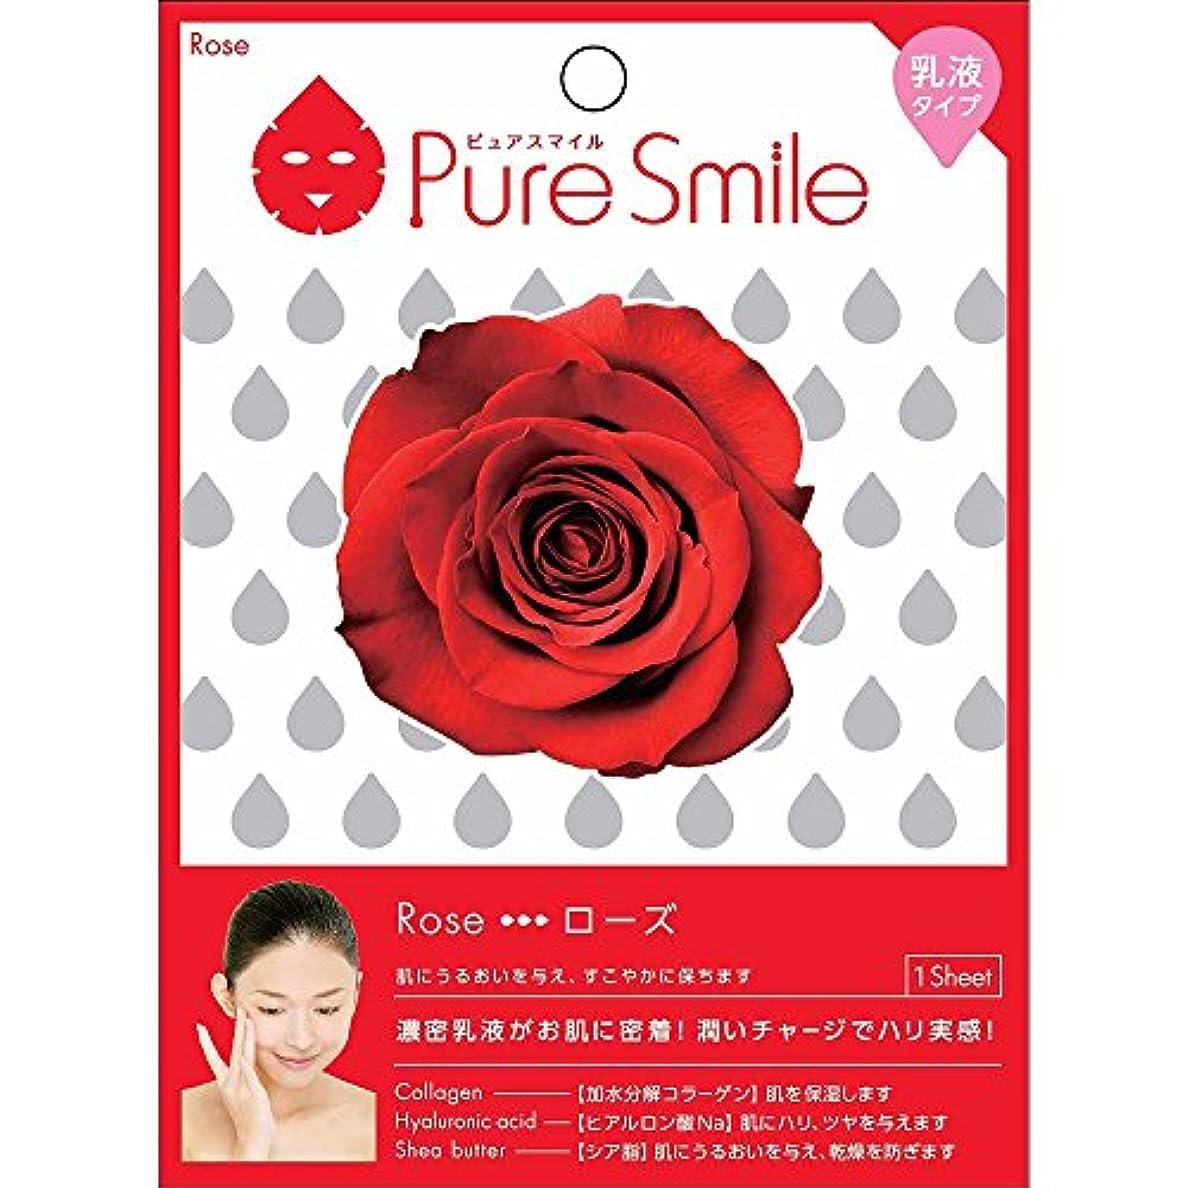 振る汚染原稿Pure Smile(ピュアスマイル) 乳液エッセンスマスク 1 枚 ローズ